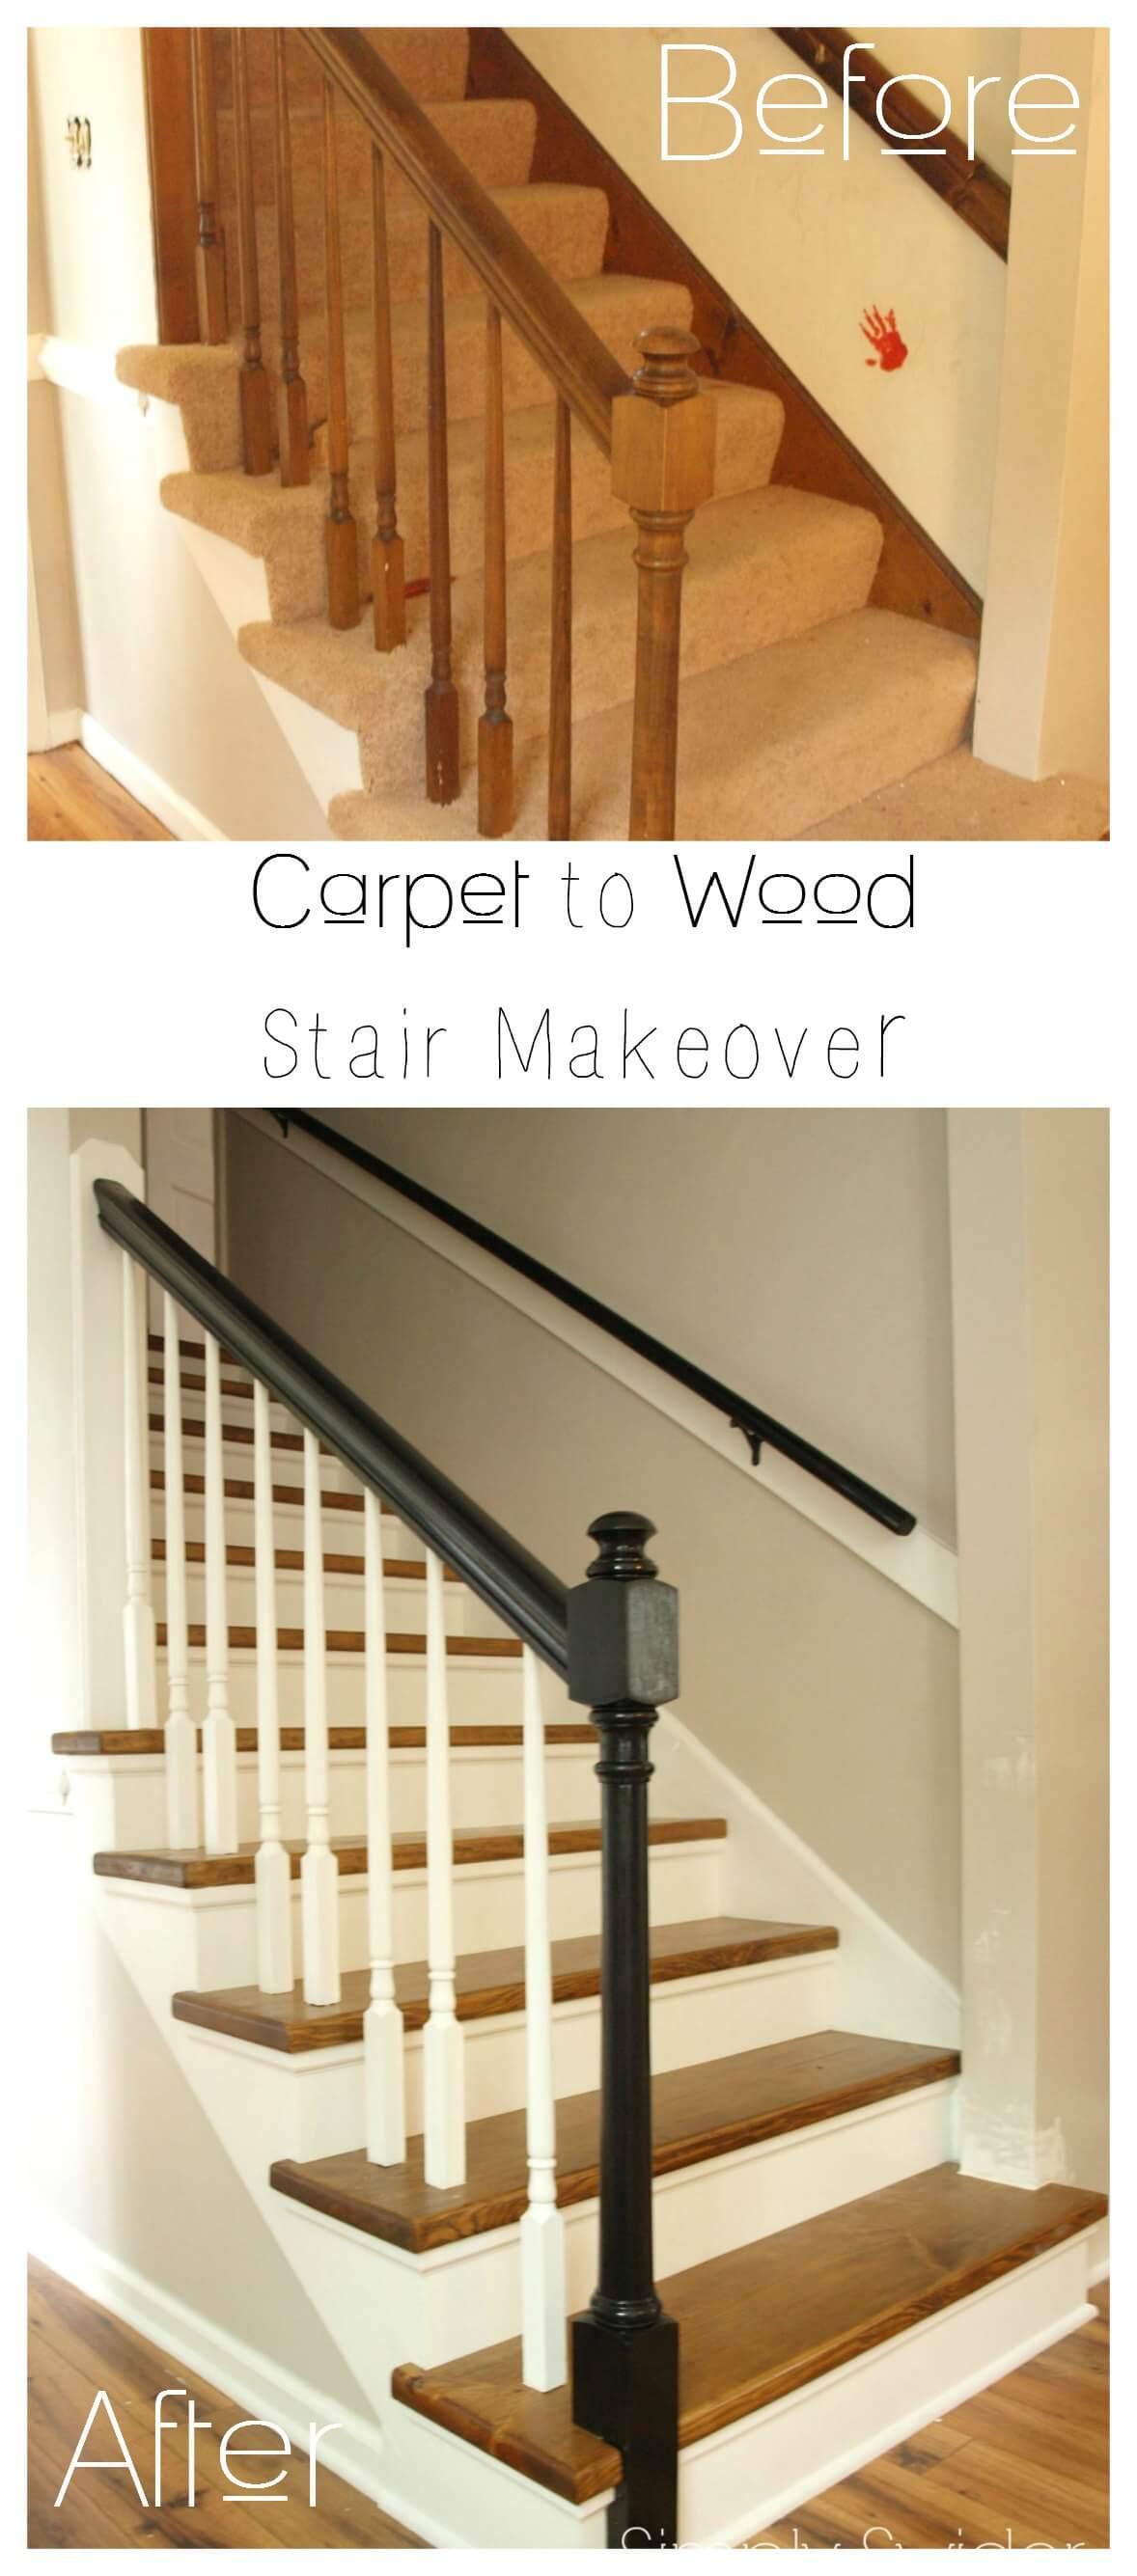 Top 5 Stair Remodel Ideas Best Diy Stair Makeovers